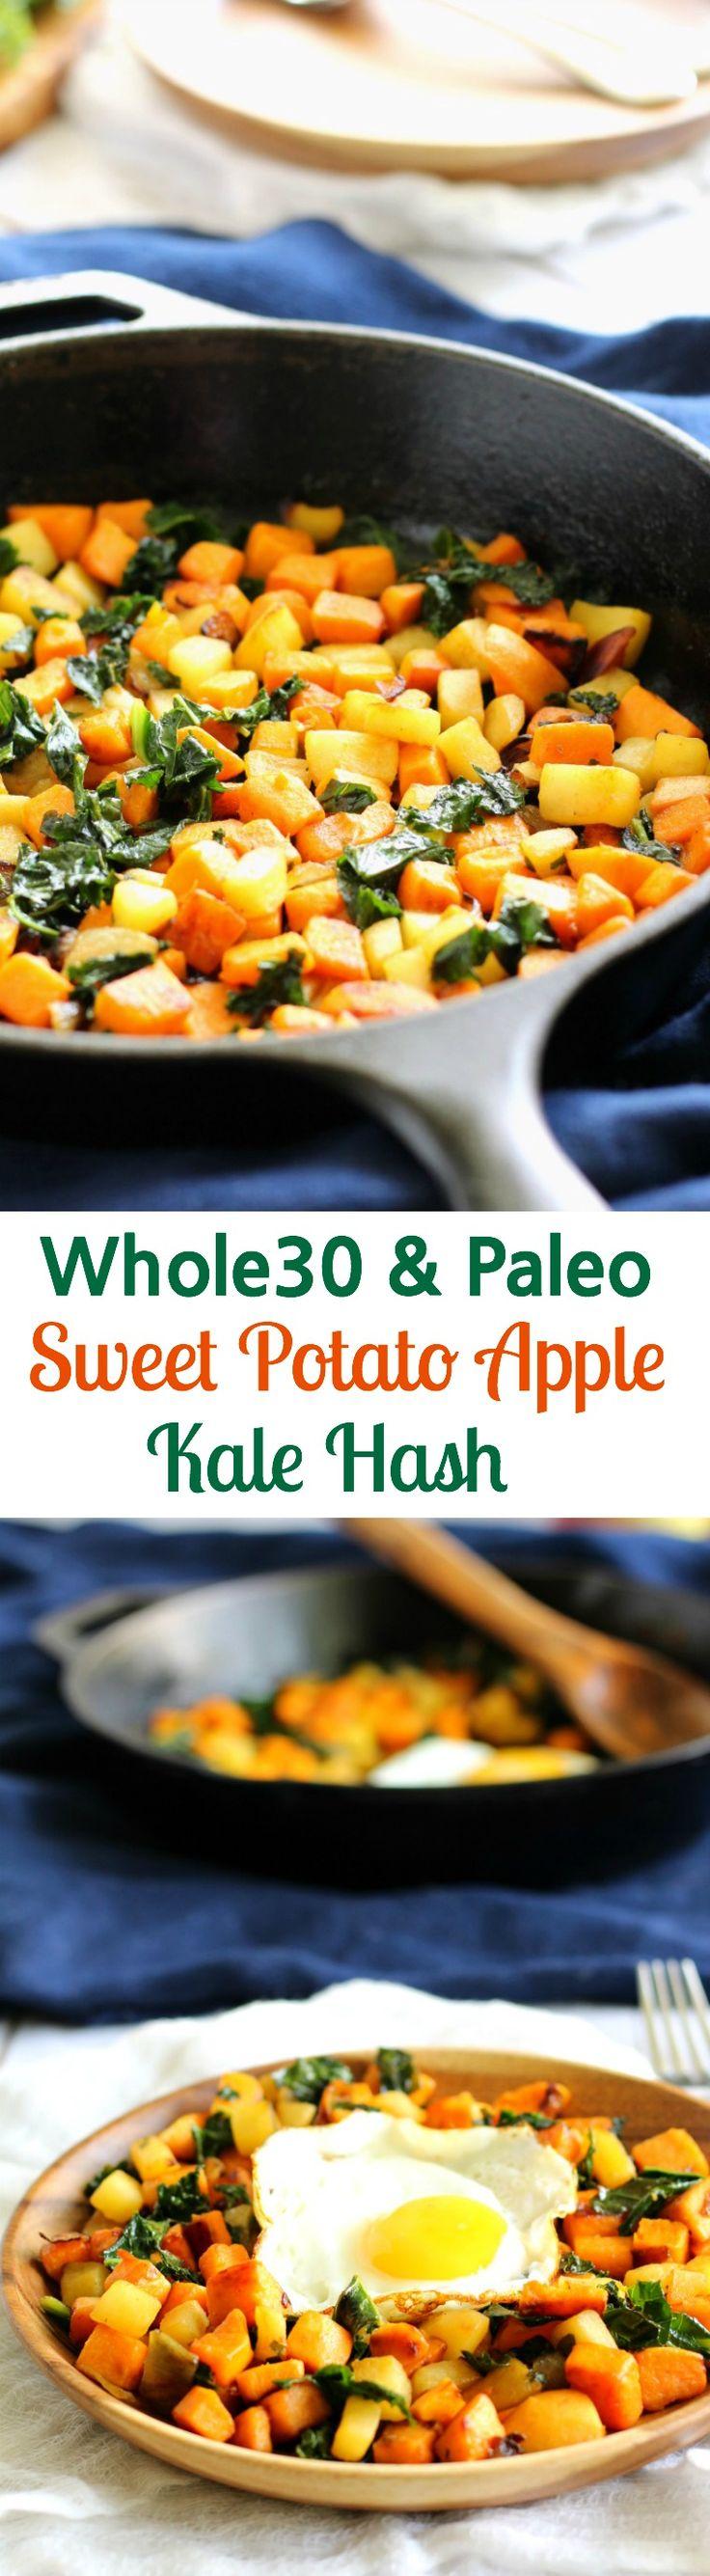 Blue apron kale hash - 25 Best Ideas About Sweet Potato Hash Paleo On Pinterest Sweet Potato Hash Browns Sweet Potato Breakfast Hash And Sweet Potato Hash